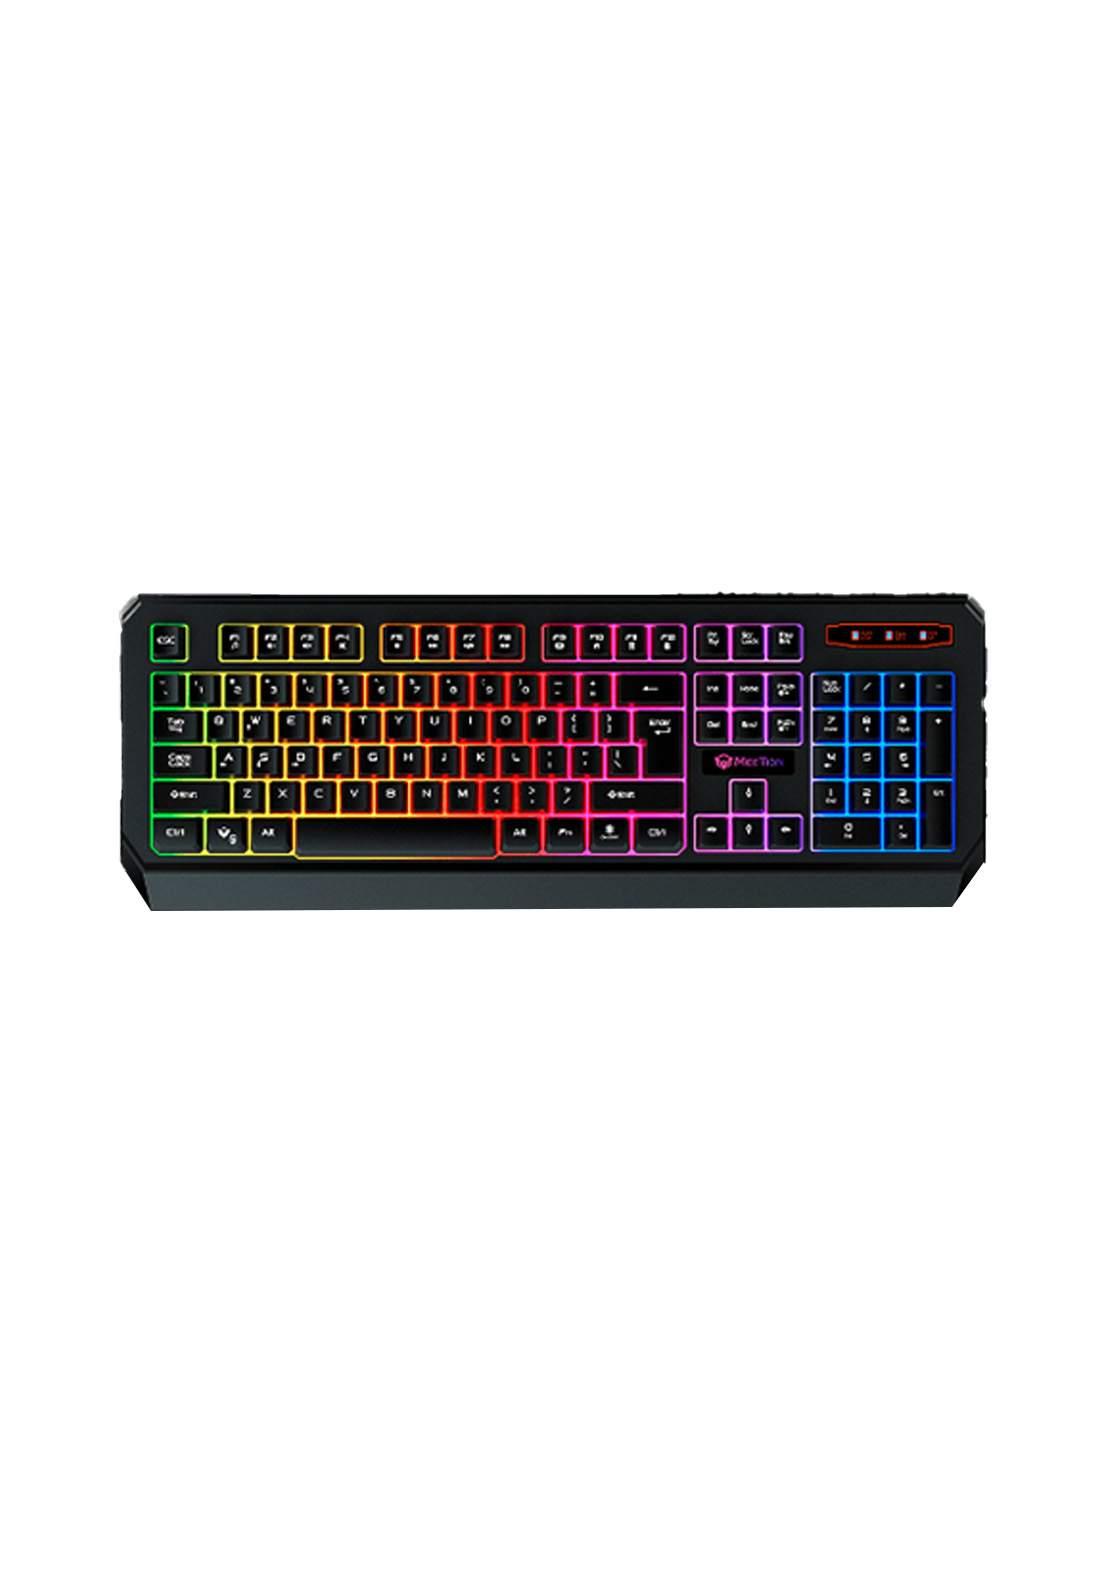 Meetion K9320 Waterproof Backlit Gaming Keyboard - Black كيبورد